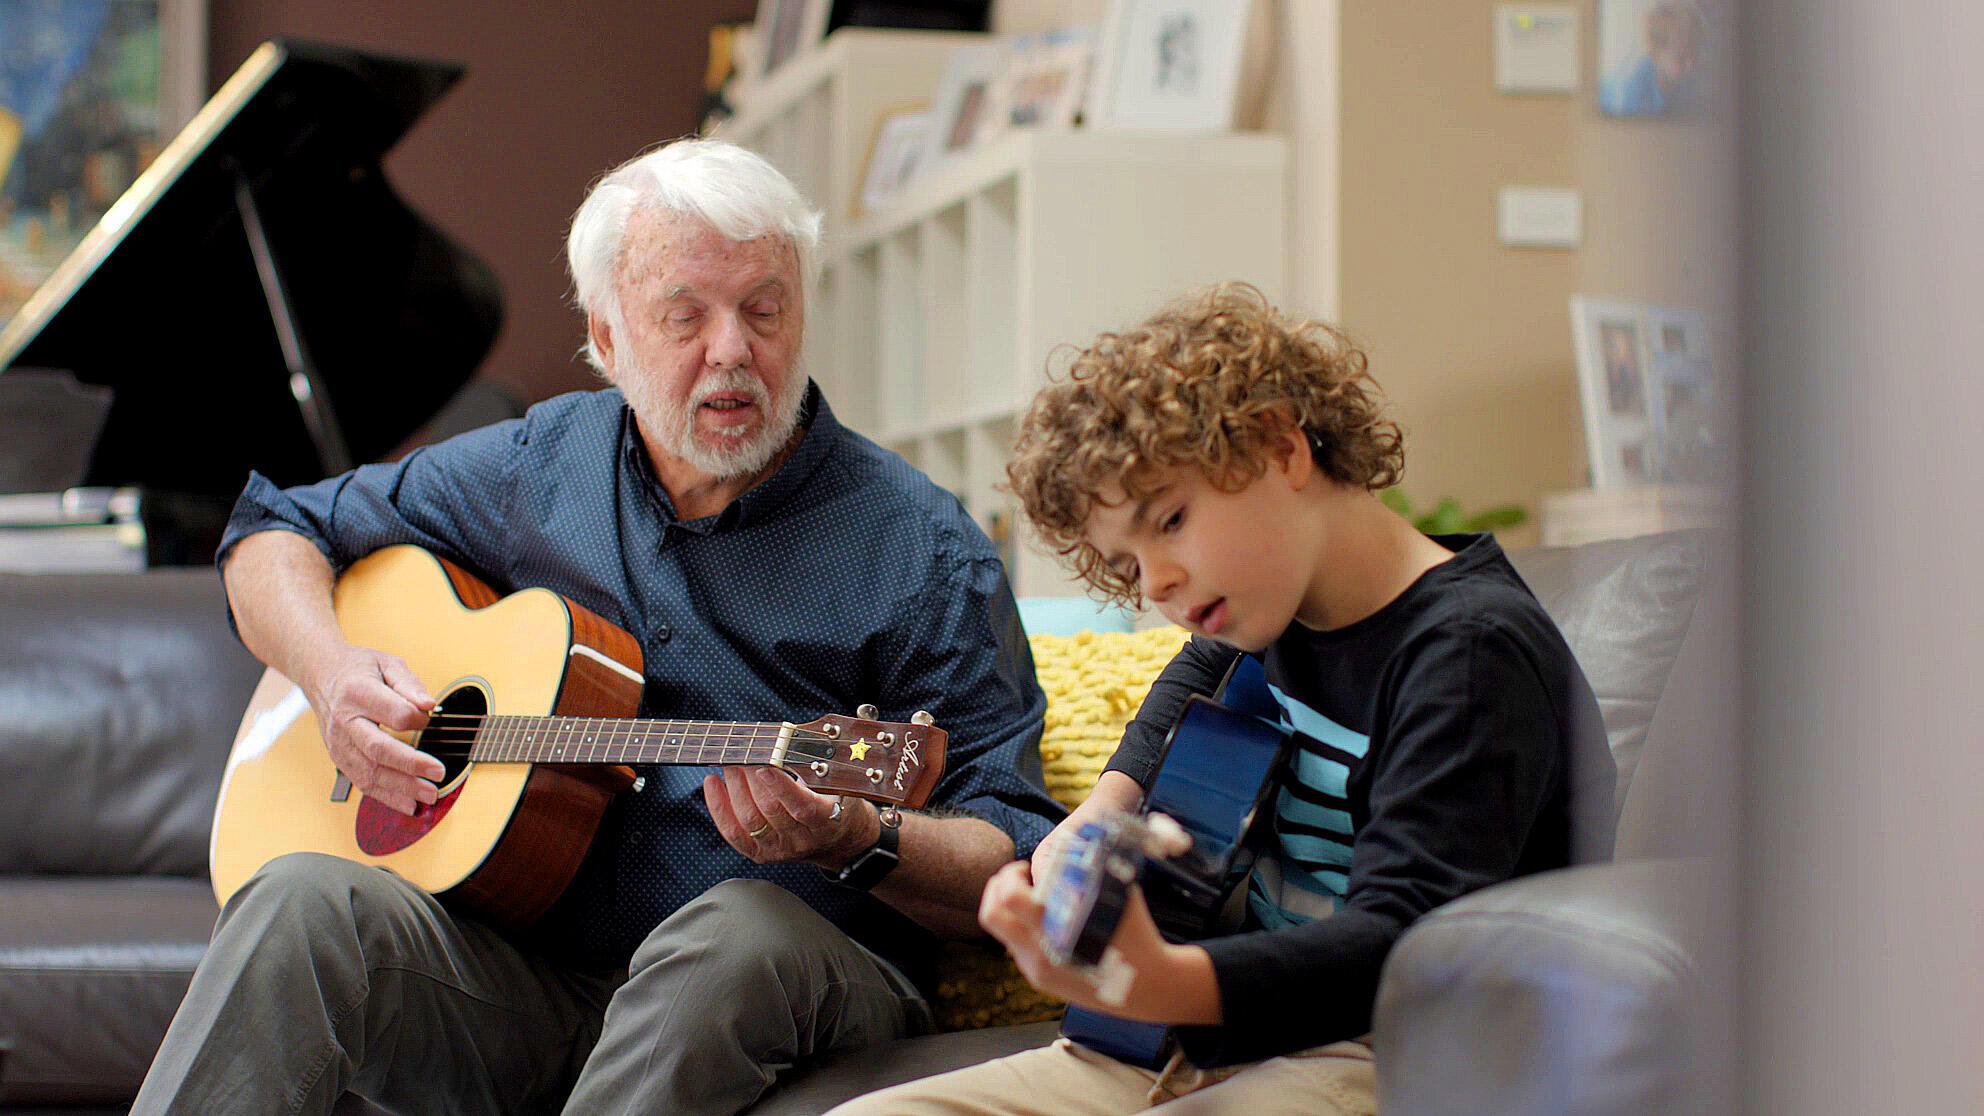 Ein Mann und ein Kind, das ein Cochlea-Implantat trägt, spielen Akustikgitarre